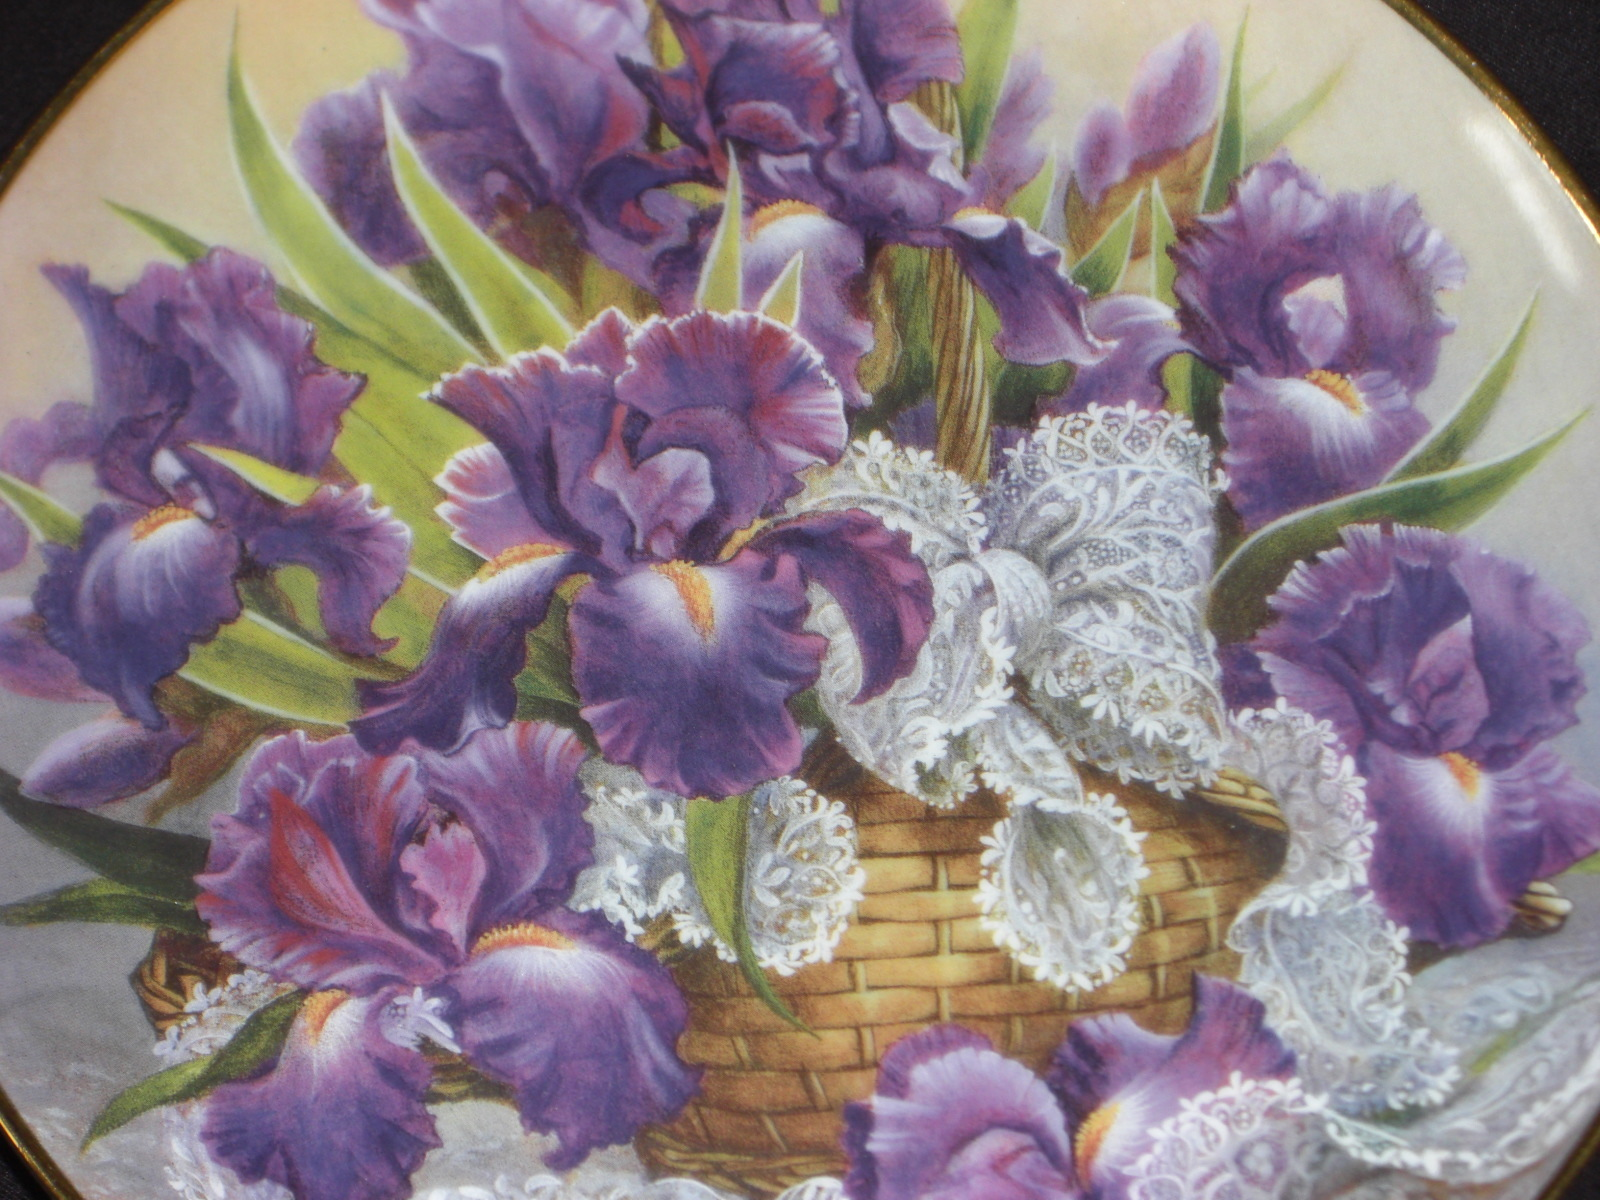 Iris plate 2